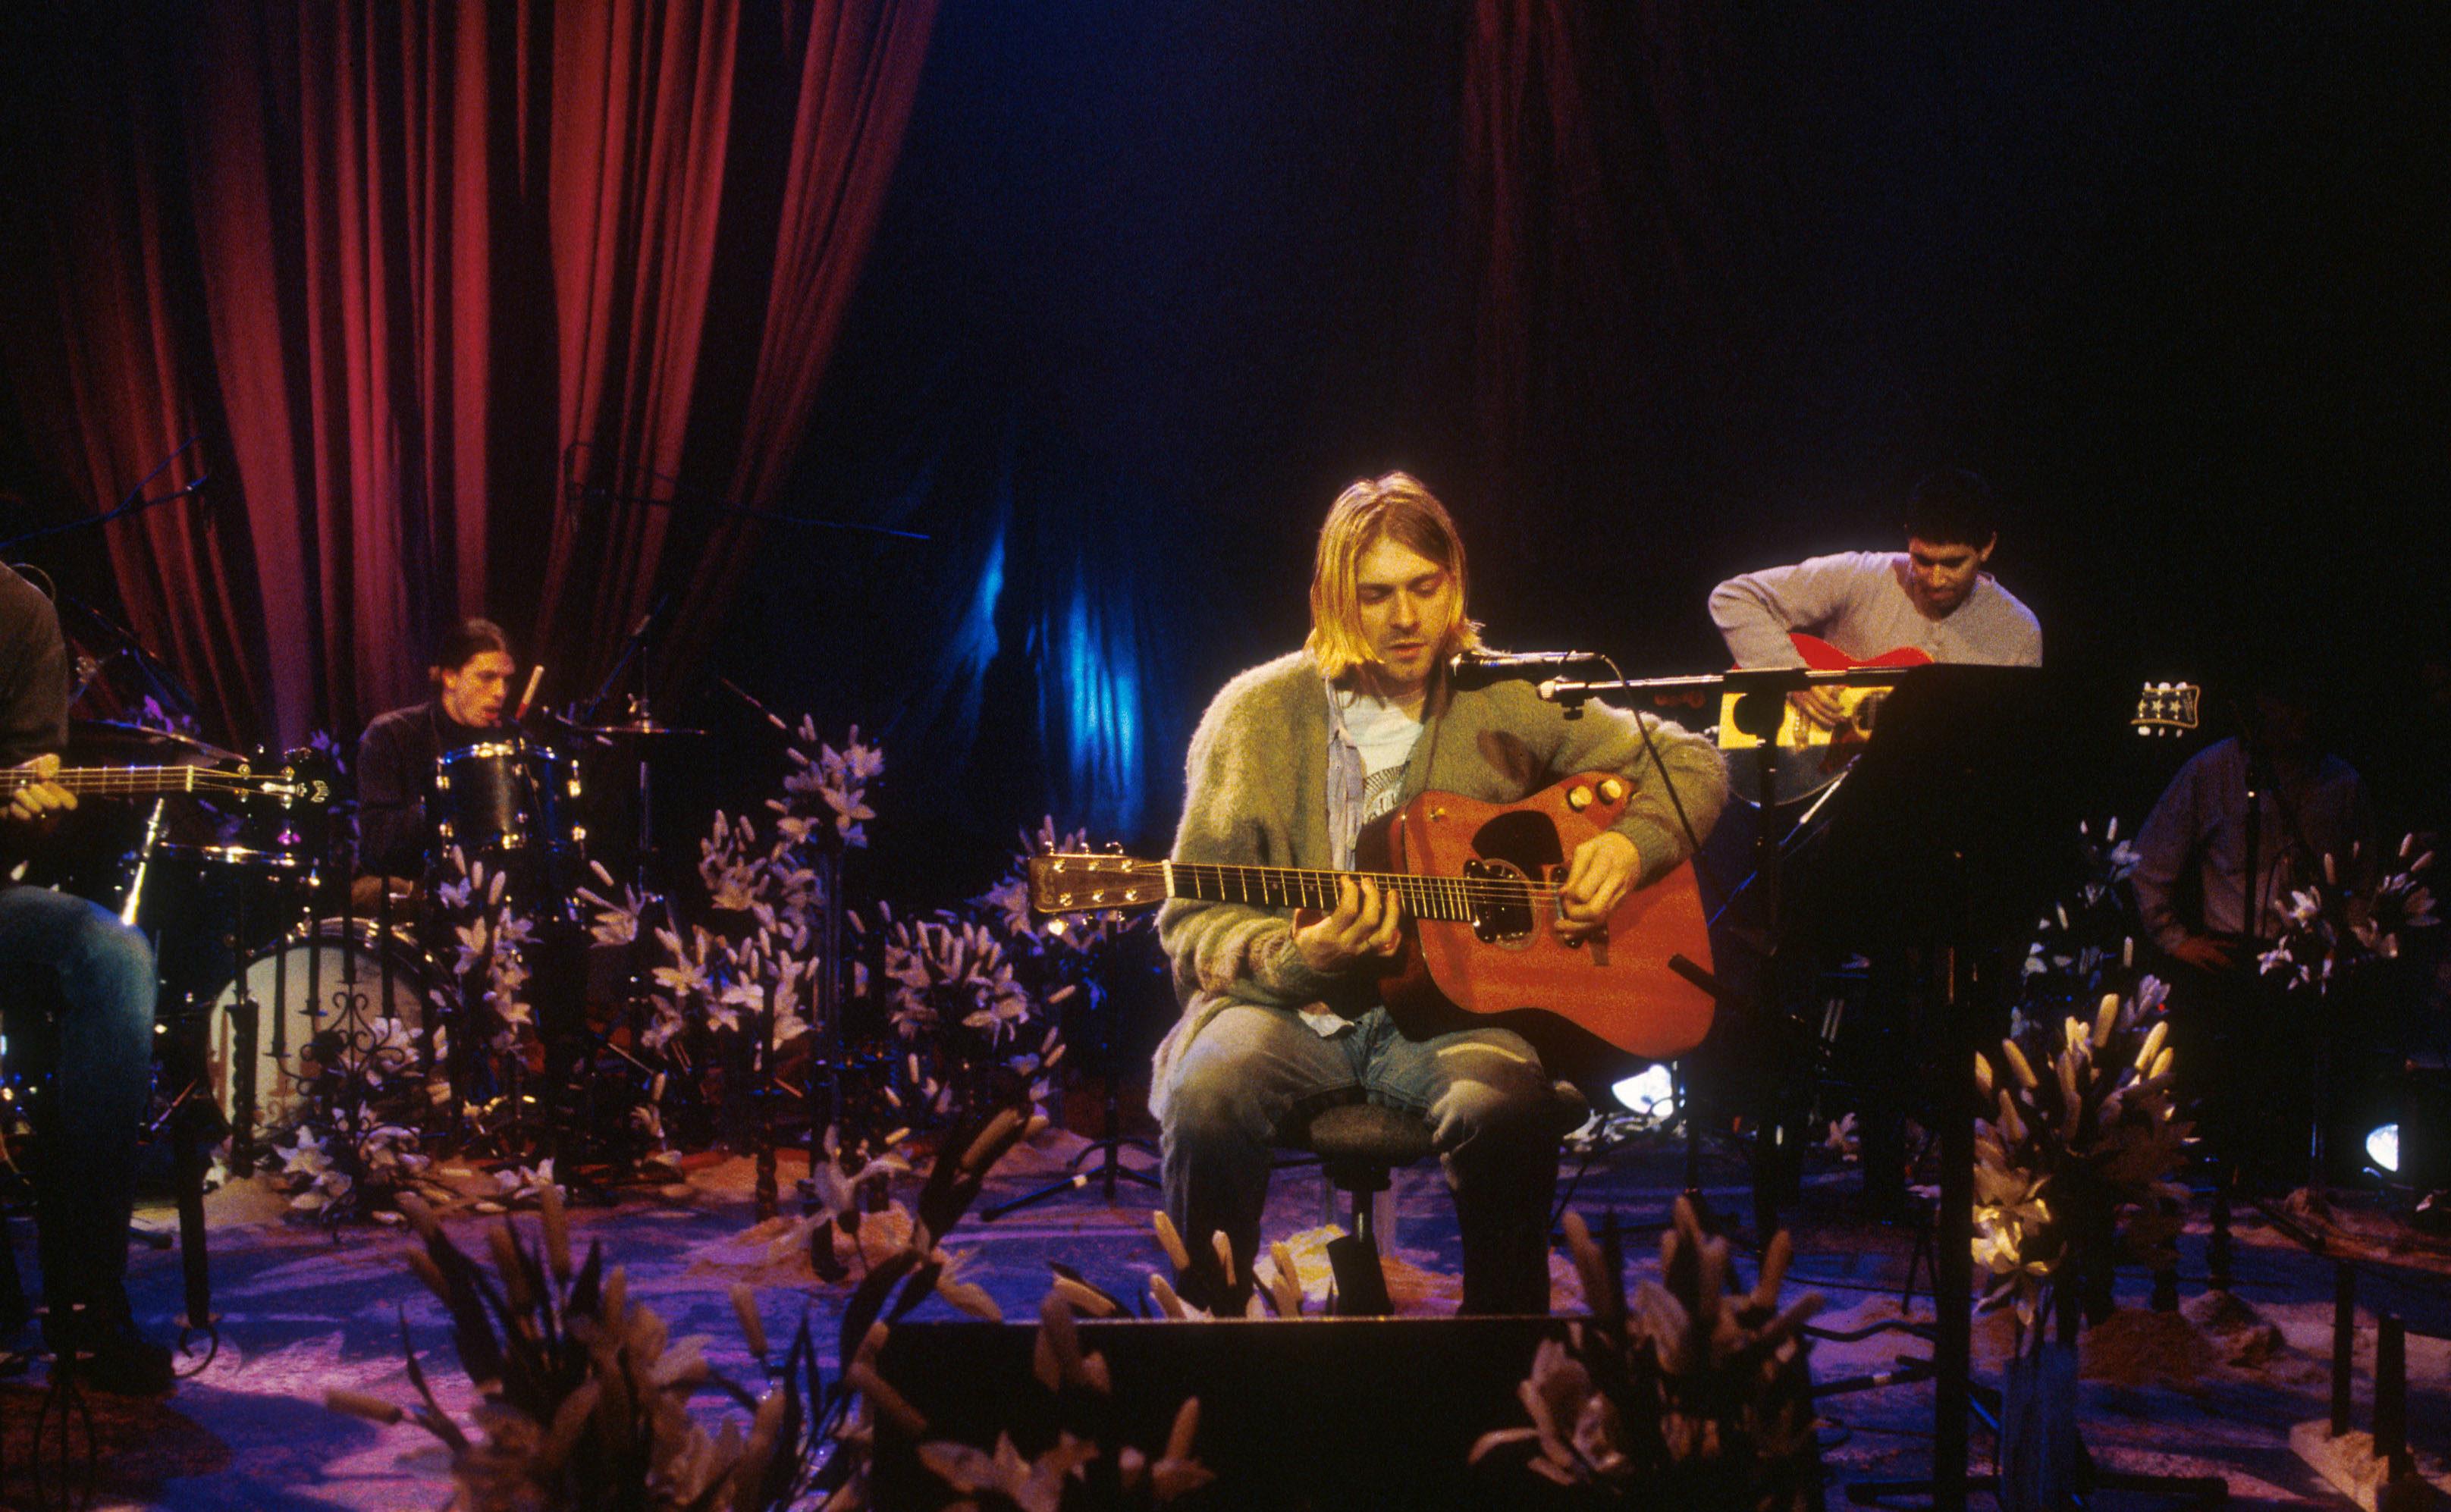 Nirvana MTV Unplugged in NY 1993